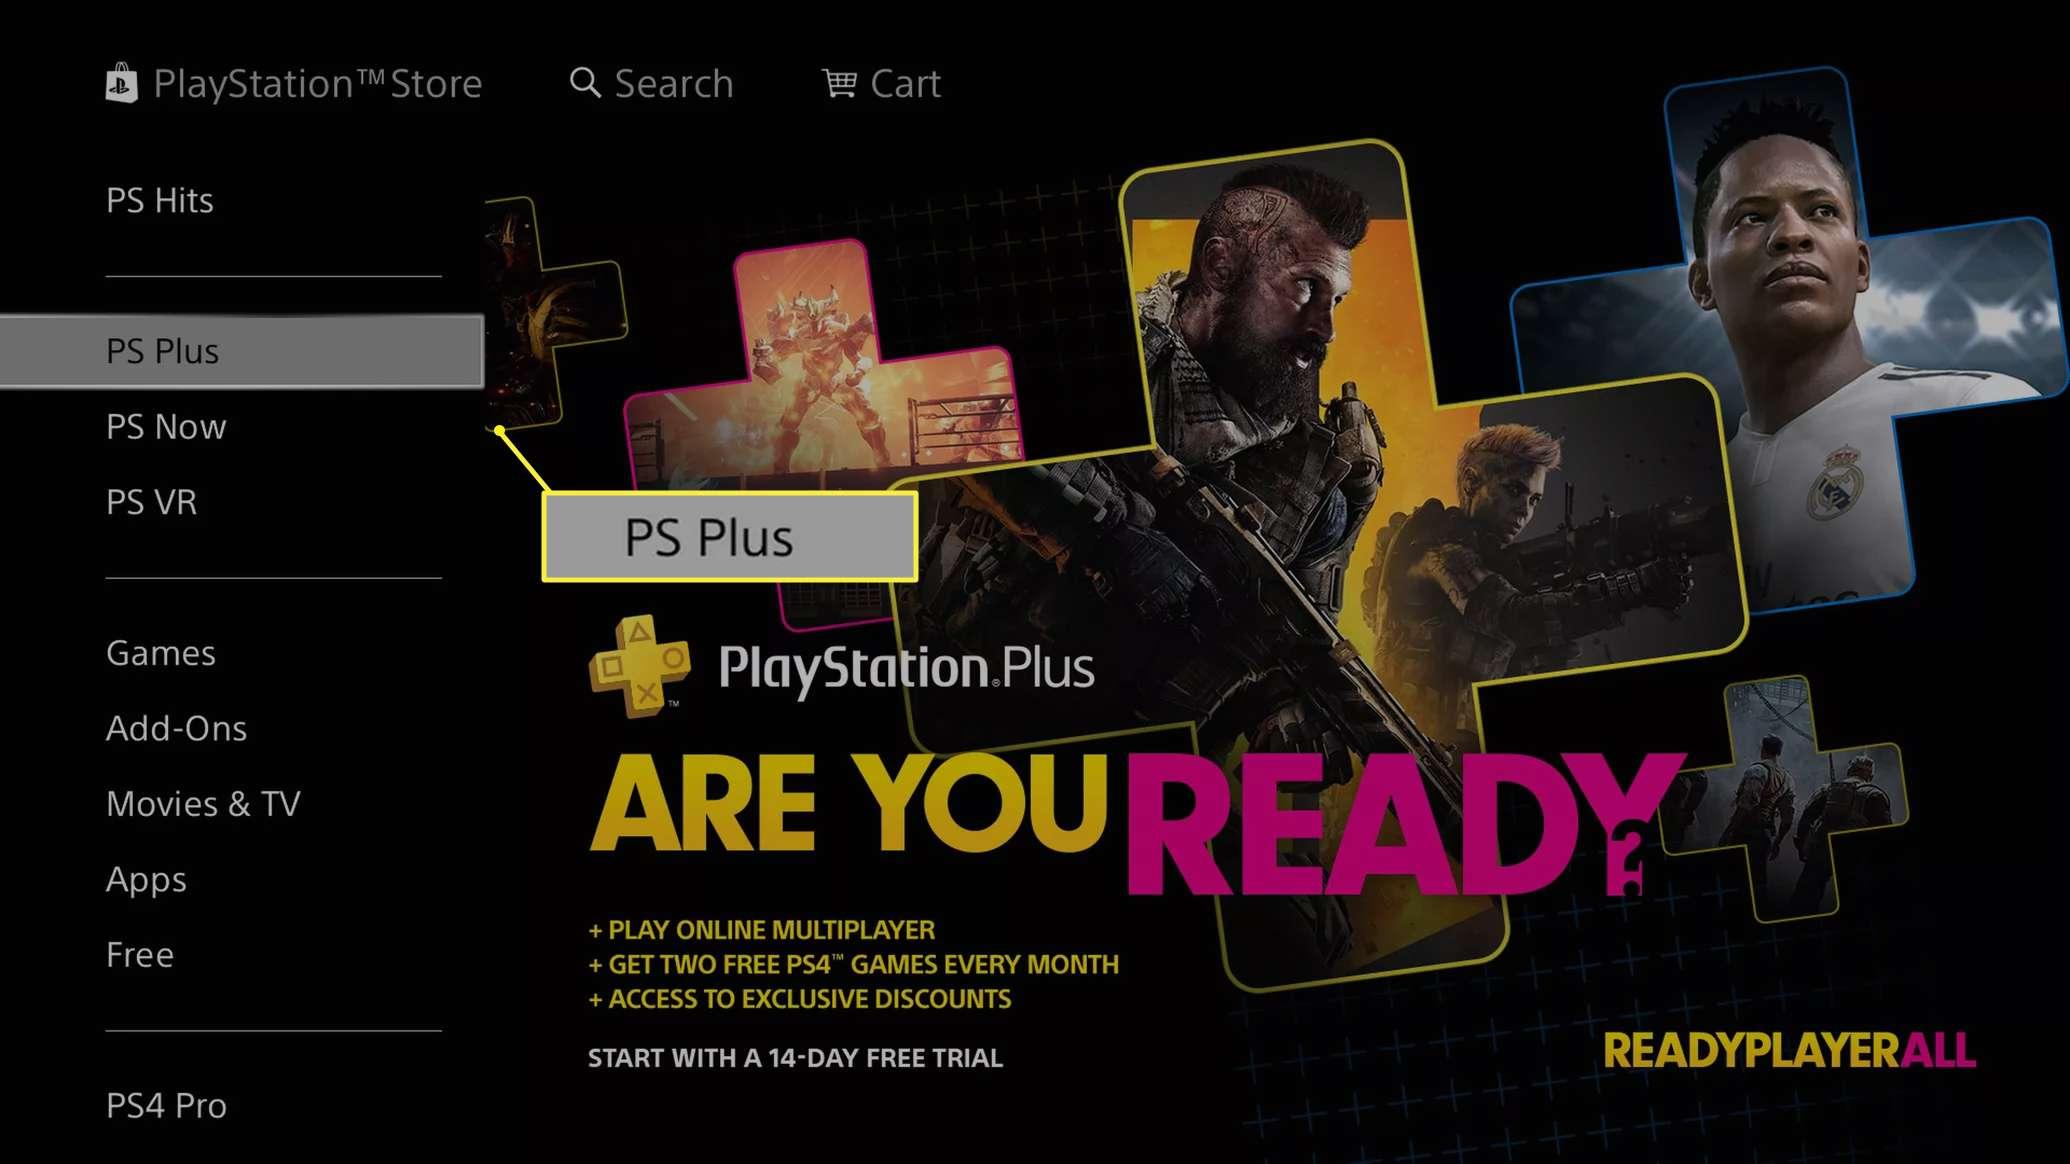 PS Plus in menu